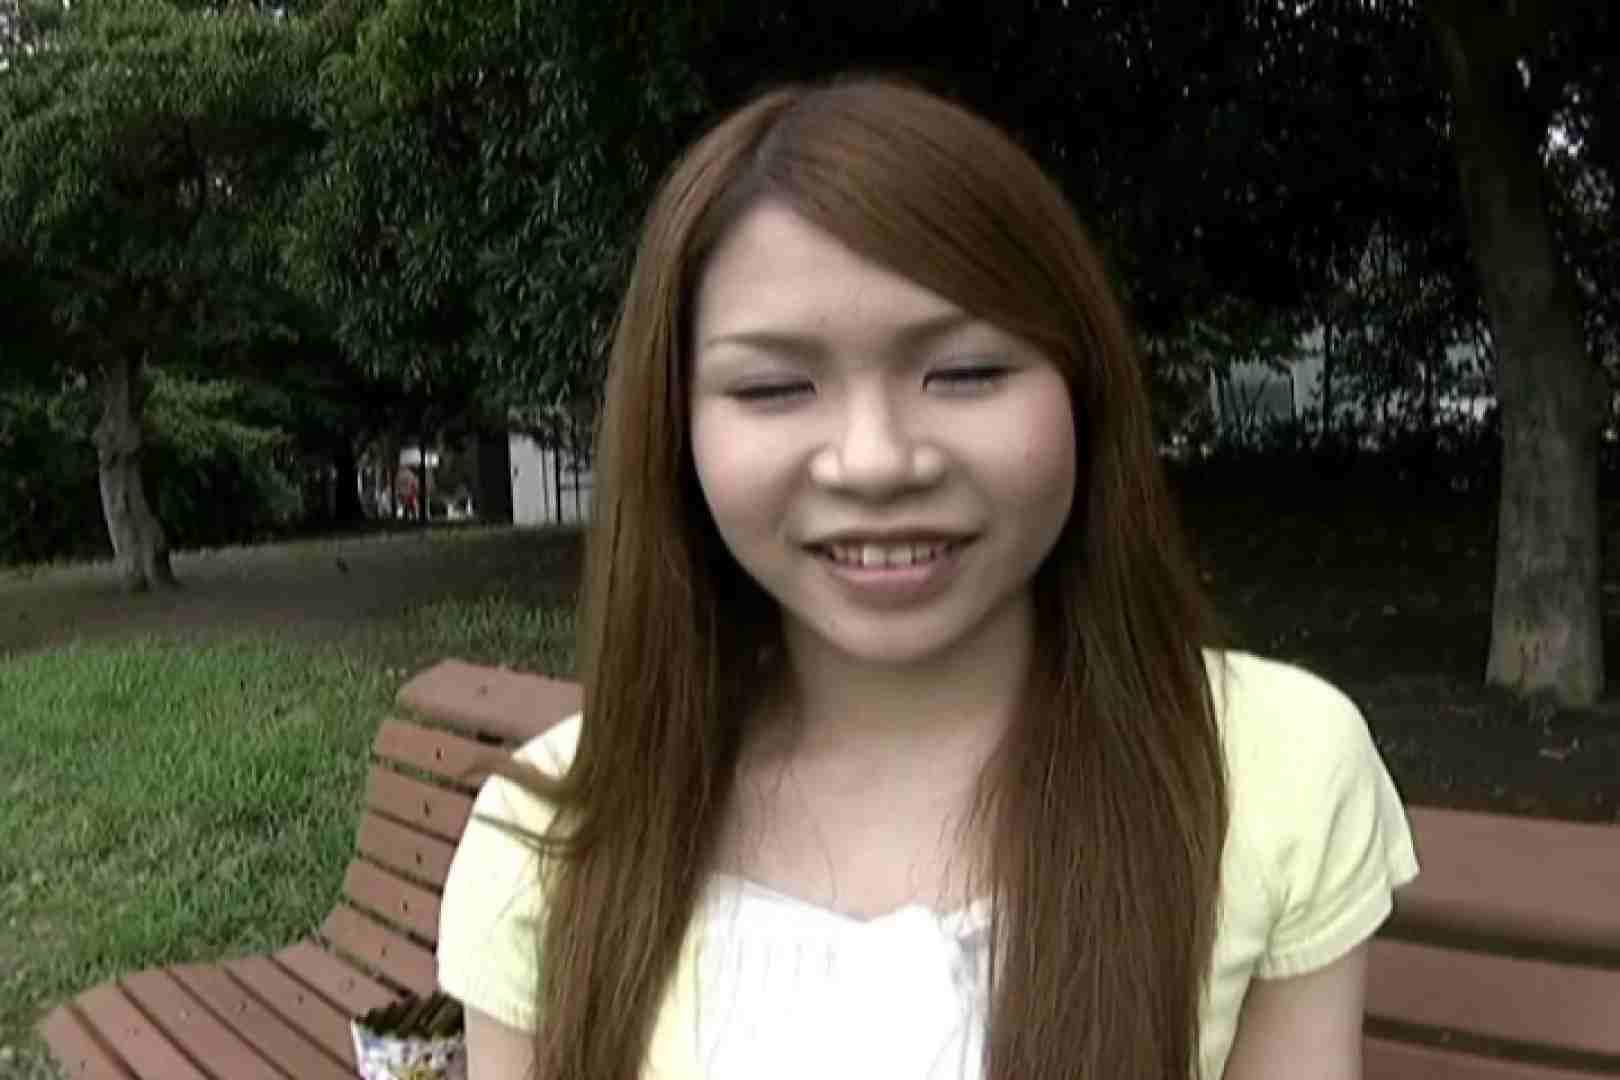 ハイビジョンパンチラ オッテQさんの追跡パンチラ階段編Vol.02 チラ系 盗撮画像 97pic 21